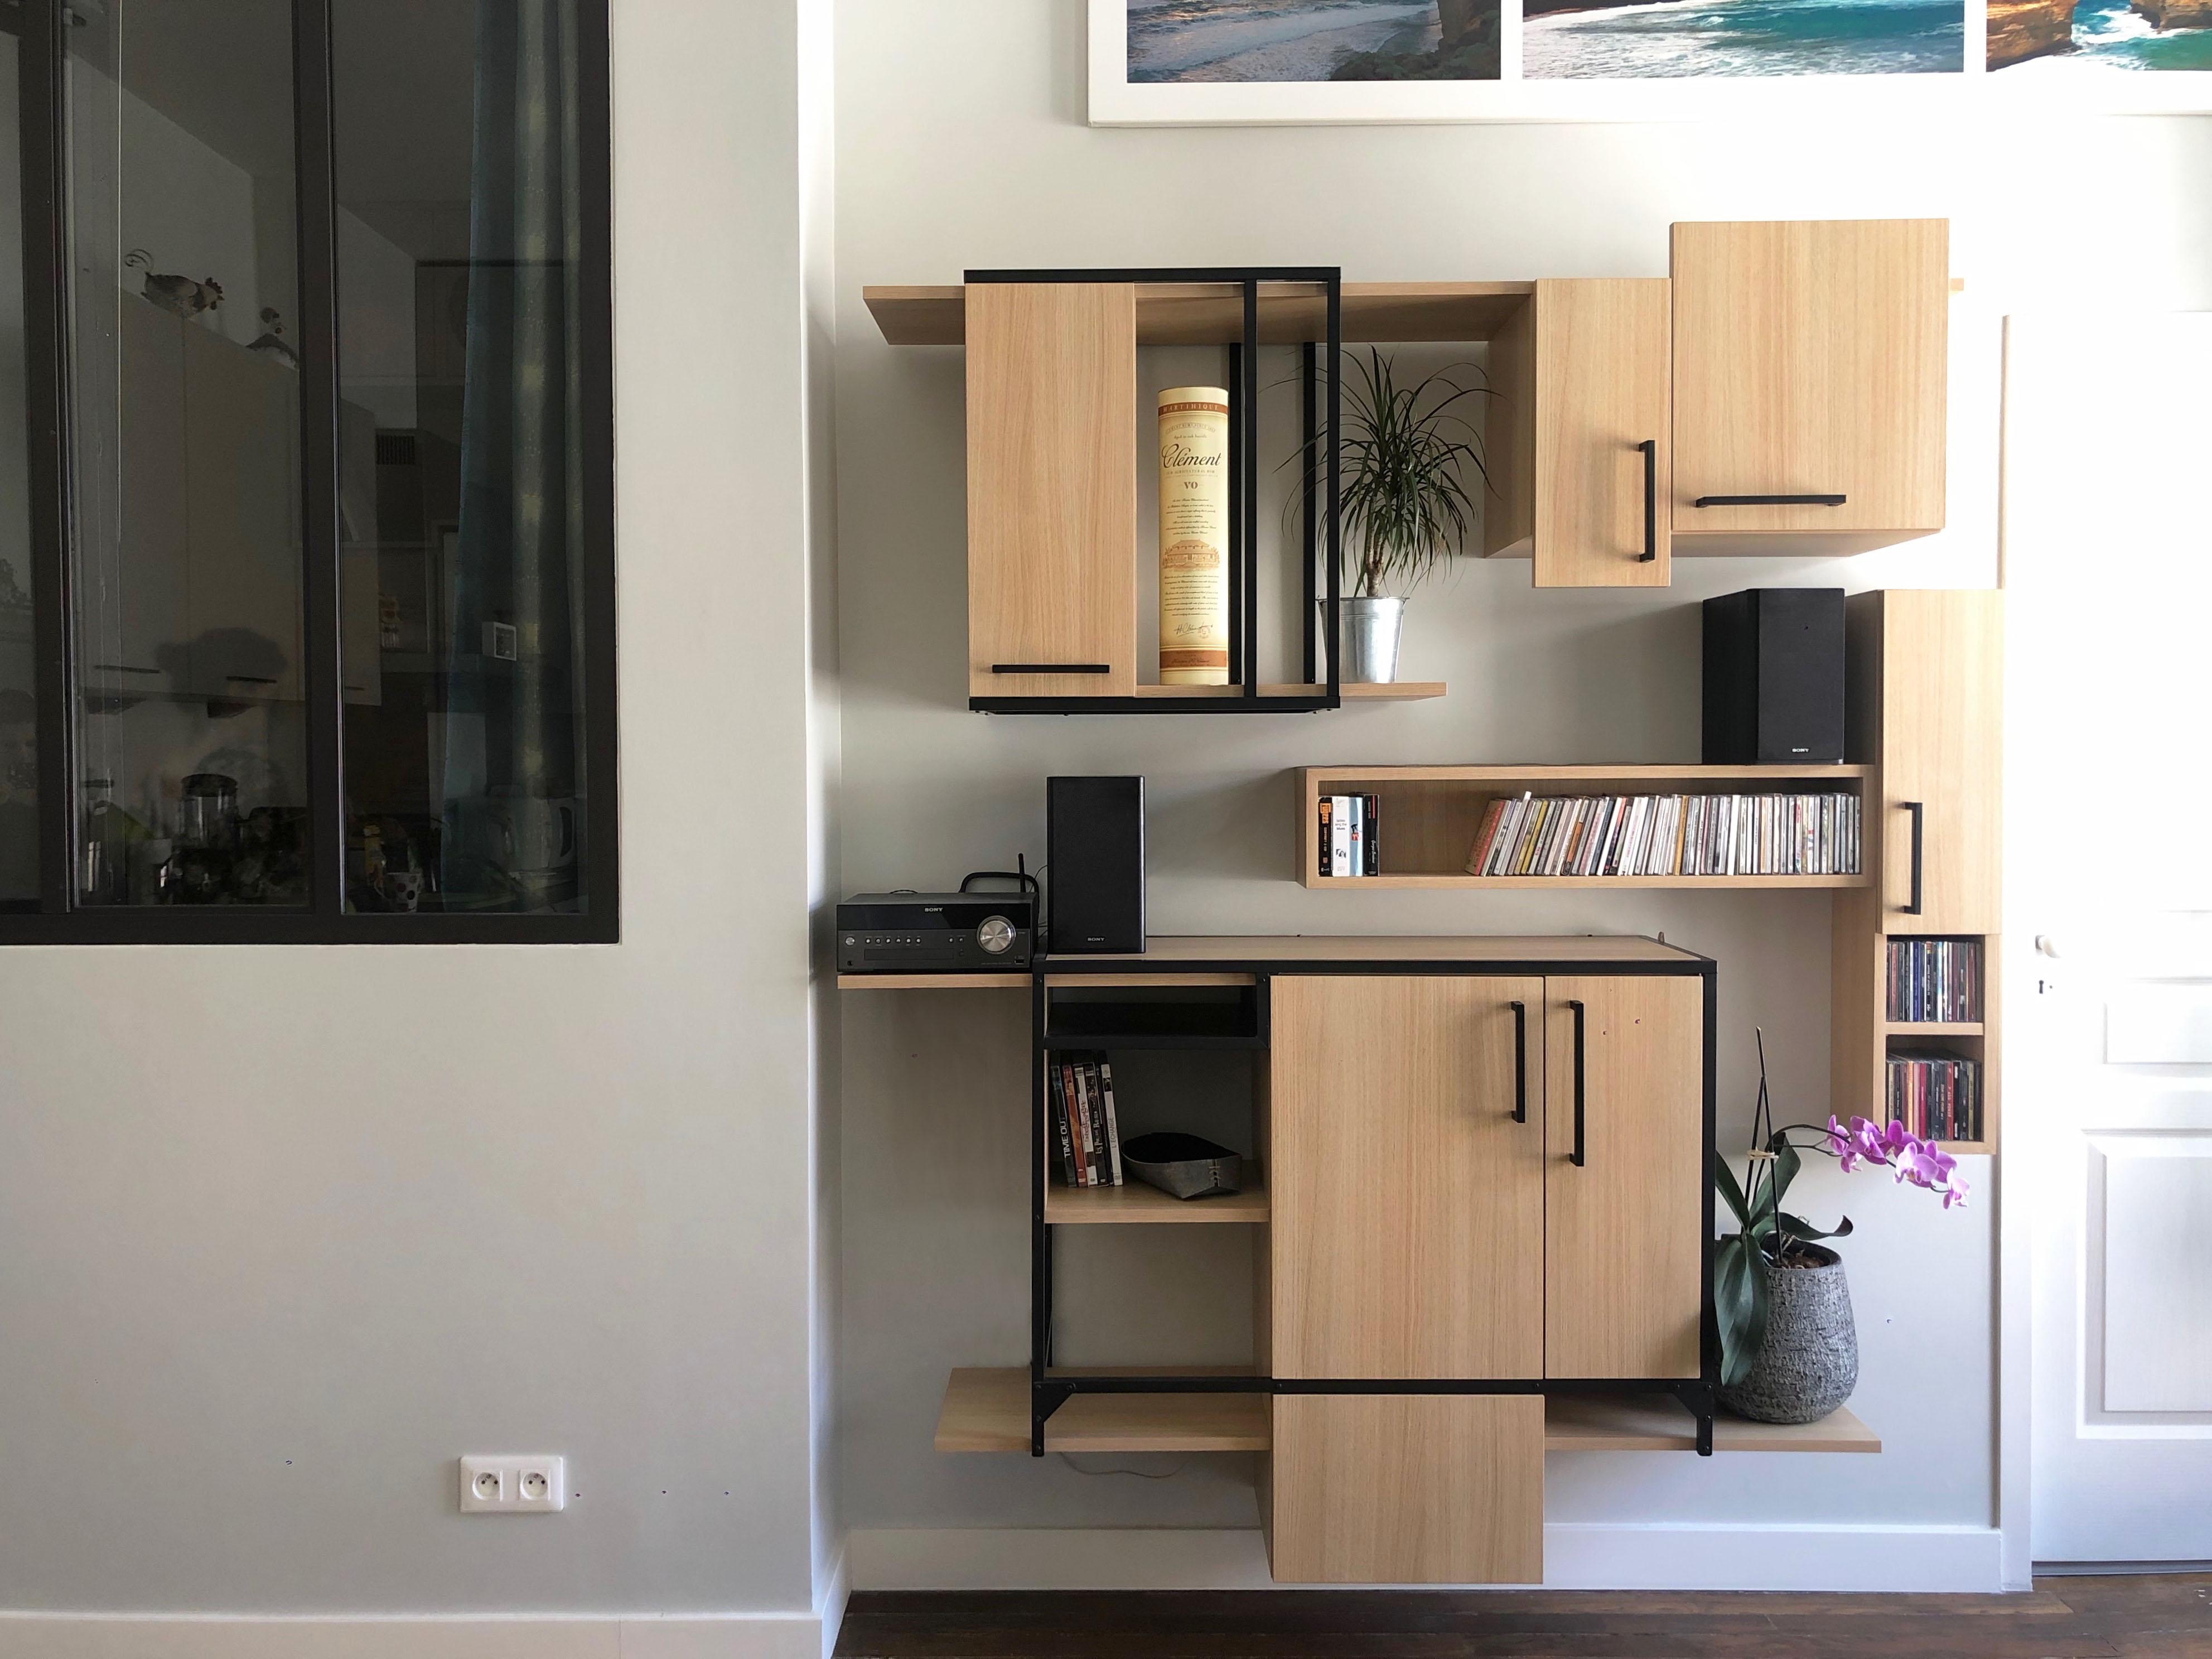 article mon meublé blog décoration Maellearchitecture définition du réemploi rénovation responsable et écologique transformation d'un meuble ikea